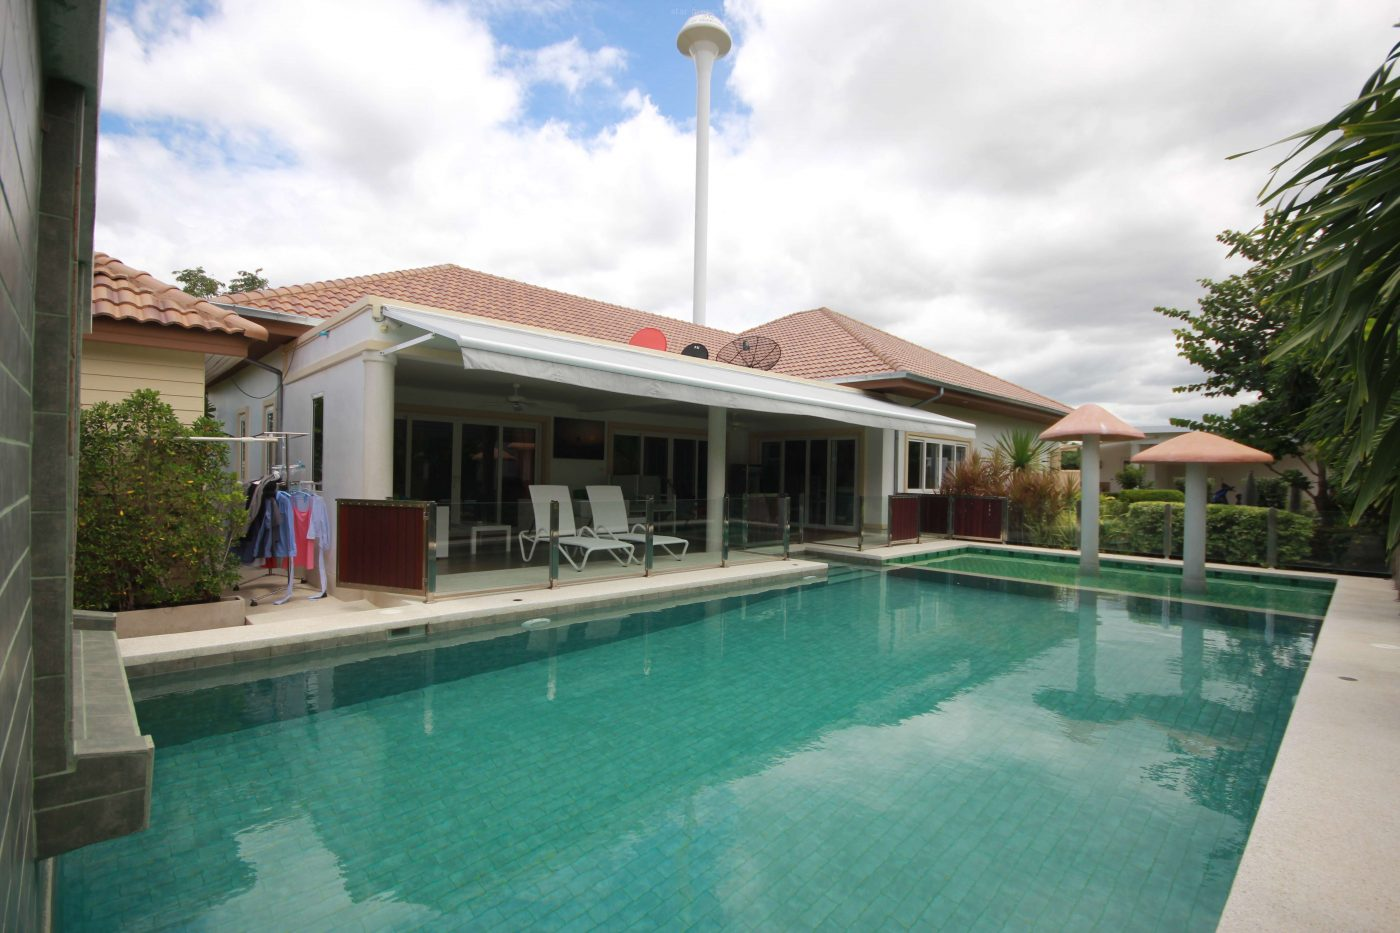 Beautiful Pool Villa for Sale near Banyan Golf Course at Hua Hin District, Prachuap Khiri Khan, Thailand